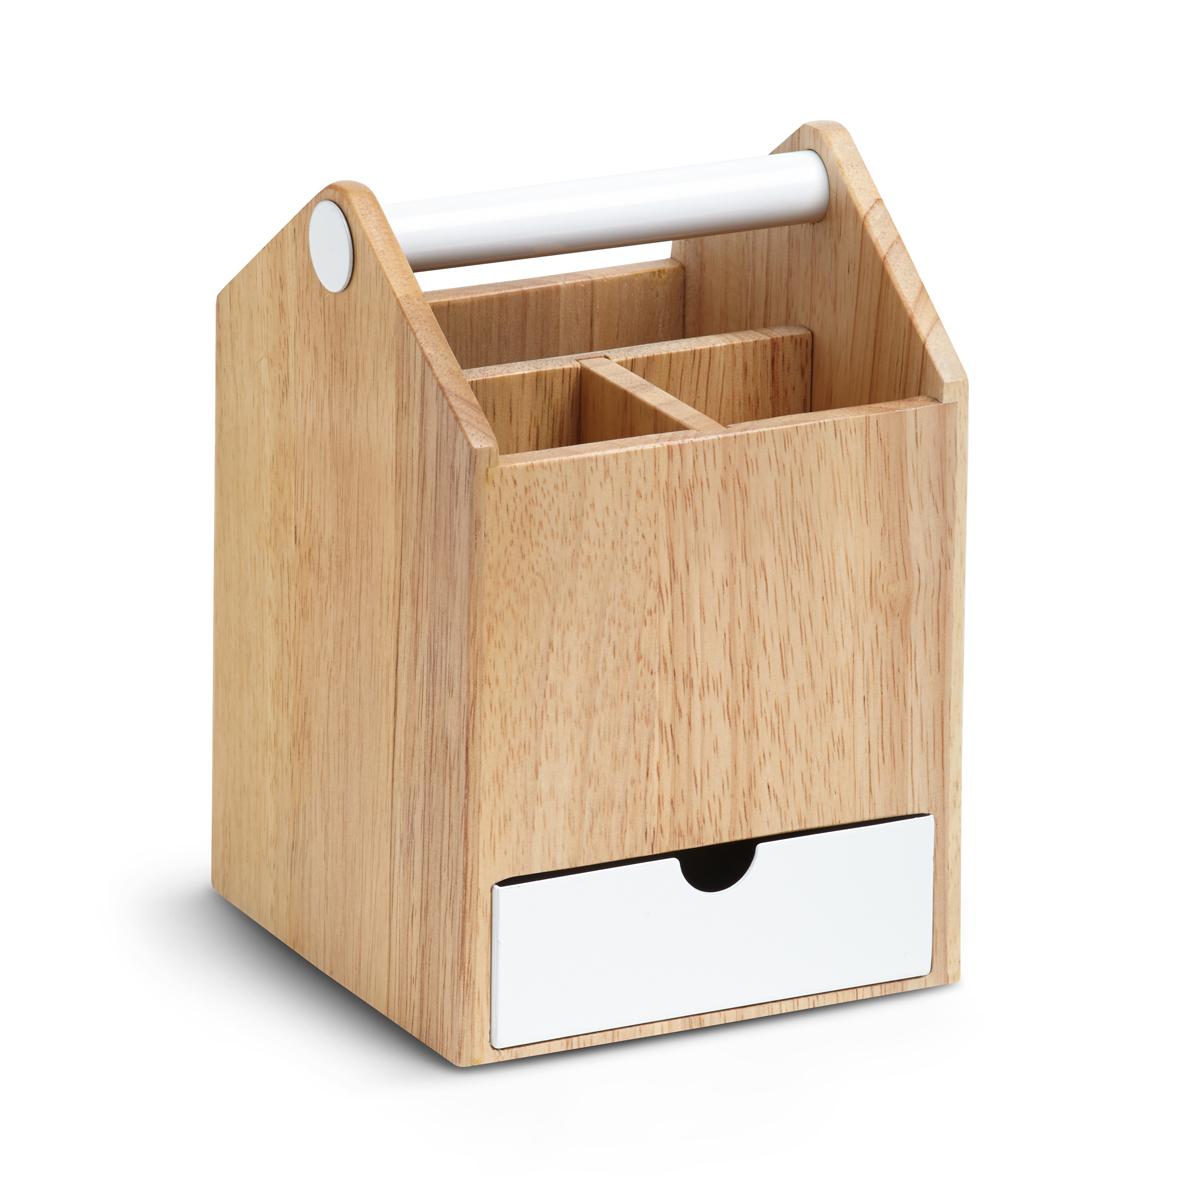 Шкатулка для украшений Umbra Toto, 21,3 х 14 х 14 см290239-668Что общего у ящика для инструментов и бижутерии? Вдохновившись ящиком плотника, дизайнеры создали вот такую шкатулку-органайзер для разборчивых модниц, оставив все только лучшее и удобное. Эргономичная ручка для переноски, выдвигающиеся ящички и отделения разного размера - это удобно для хранения косметики, украшений и даже офисных принадлежностей.